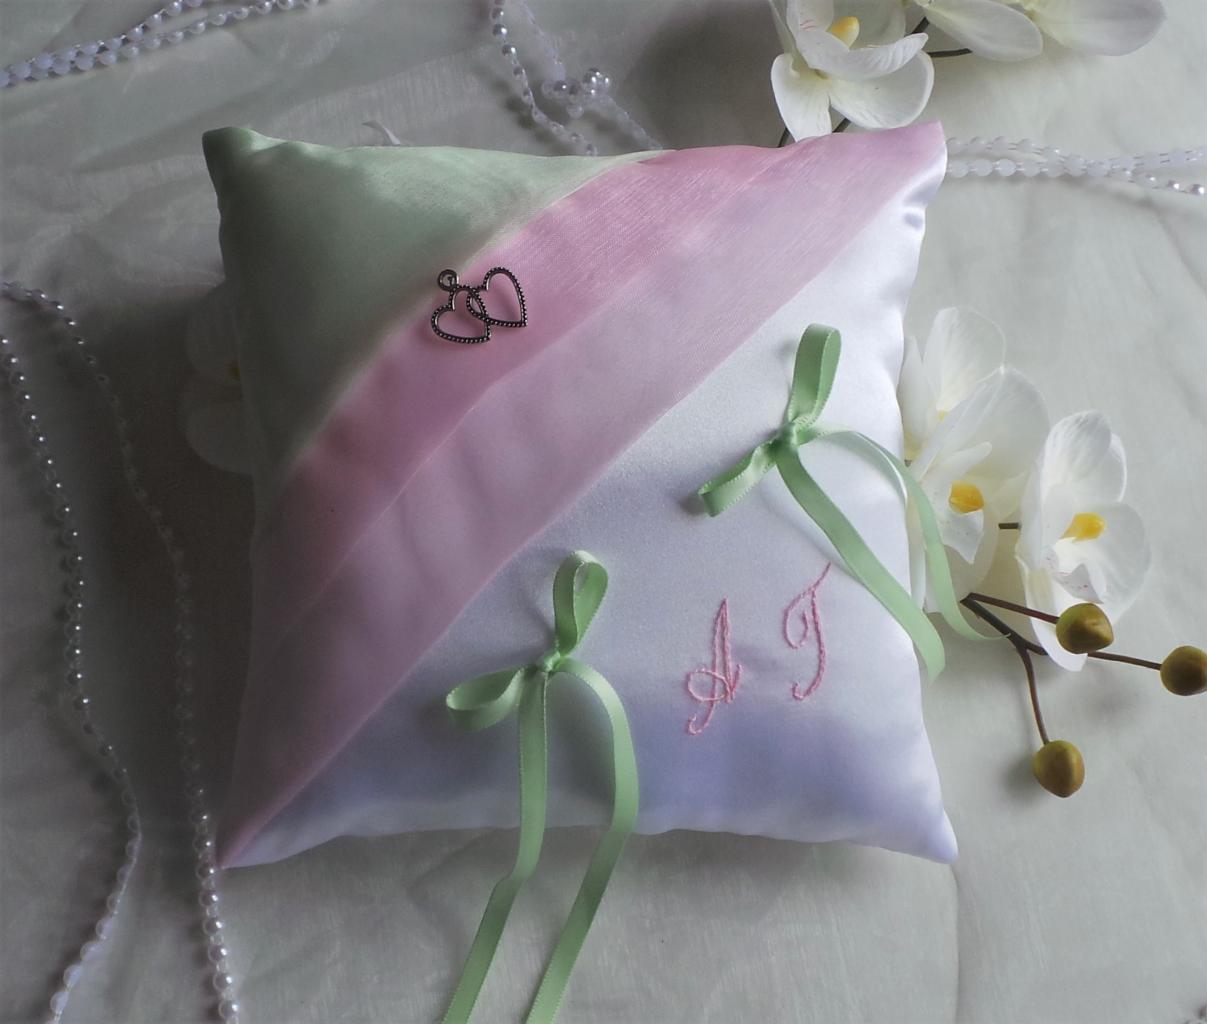 Coussin alliance chic rose pâle et vert pastel en vente sur la boutique